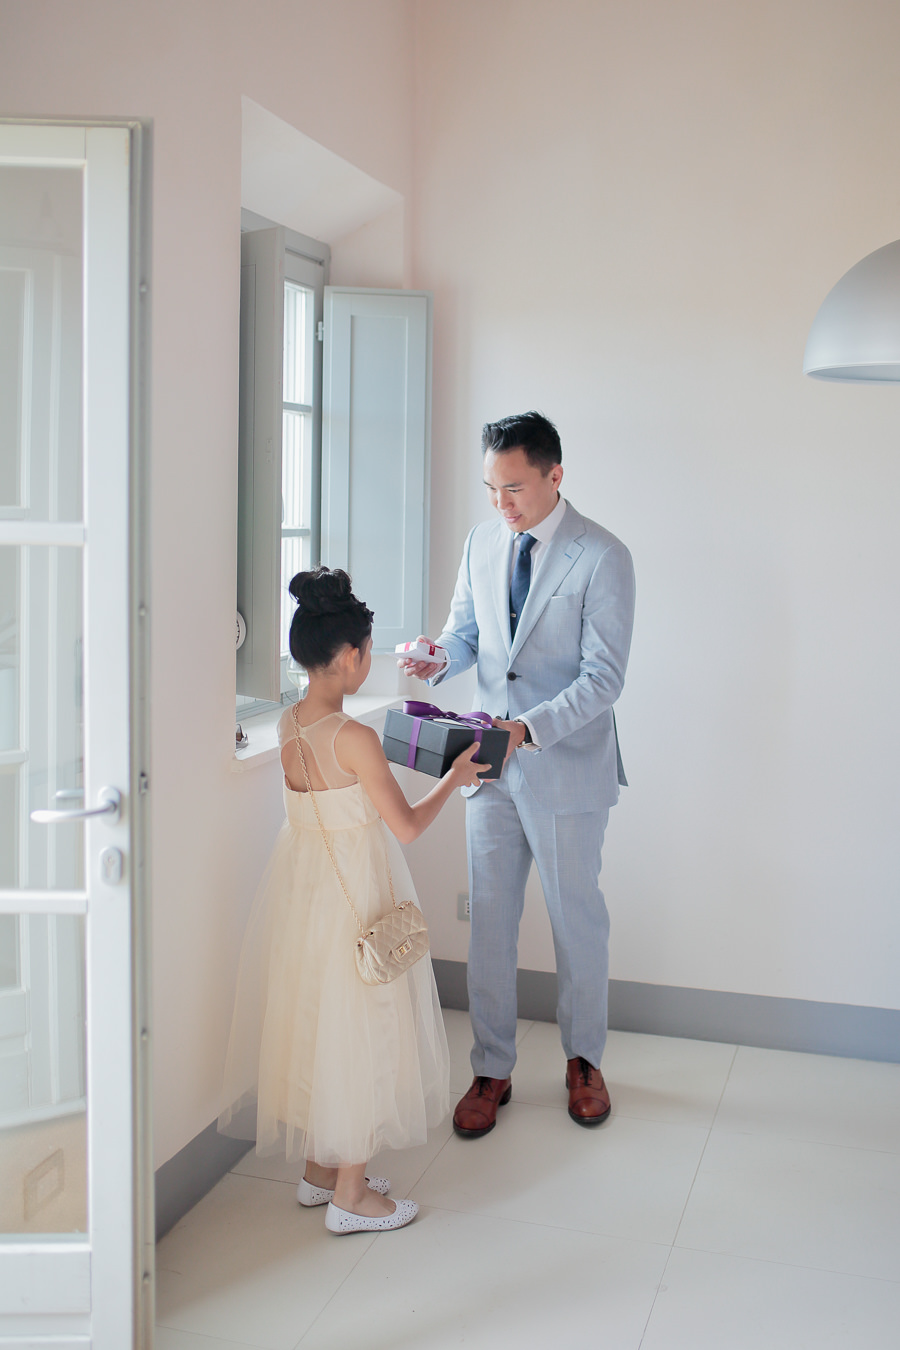 Rustic-Chic Destination Wedding in Tuscany – facibeni fotografia-109